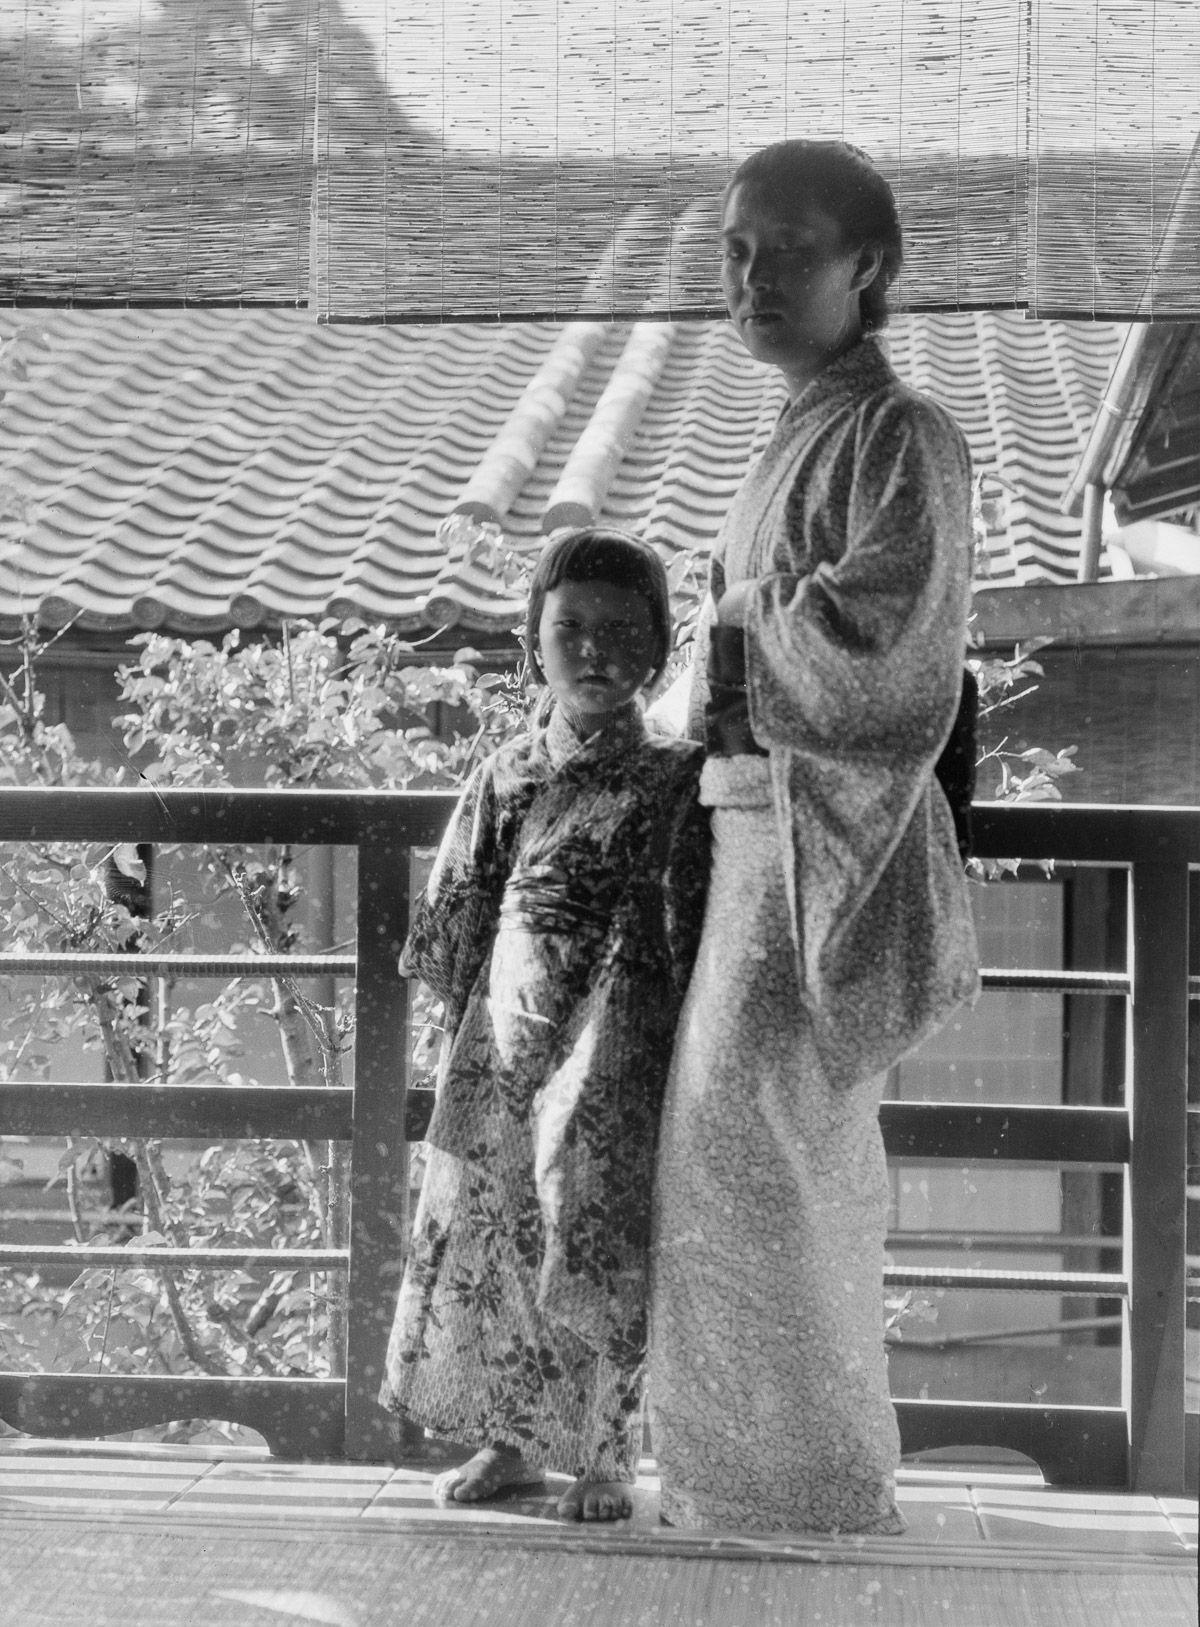 Yaponiya istoricheskie foto Arnold Dzhente 28